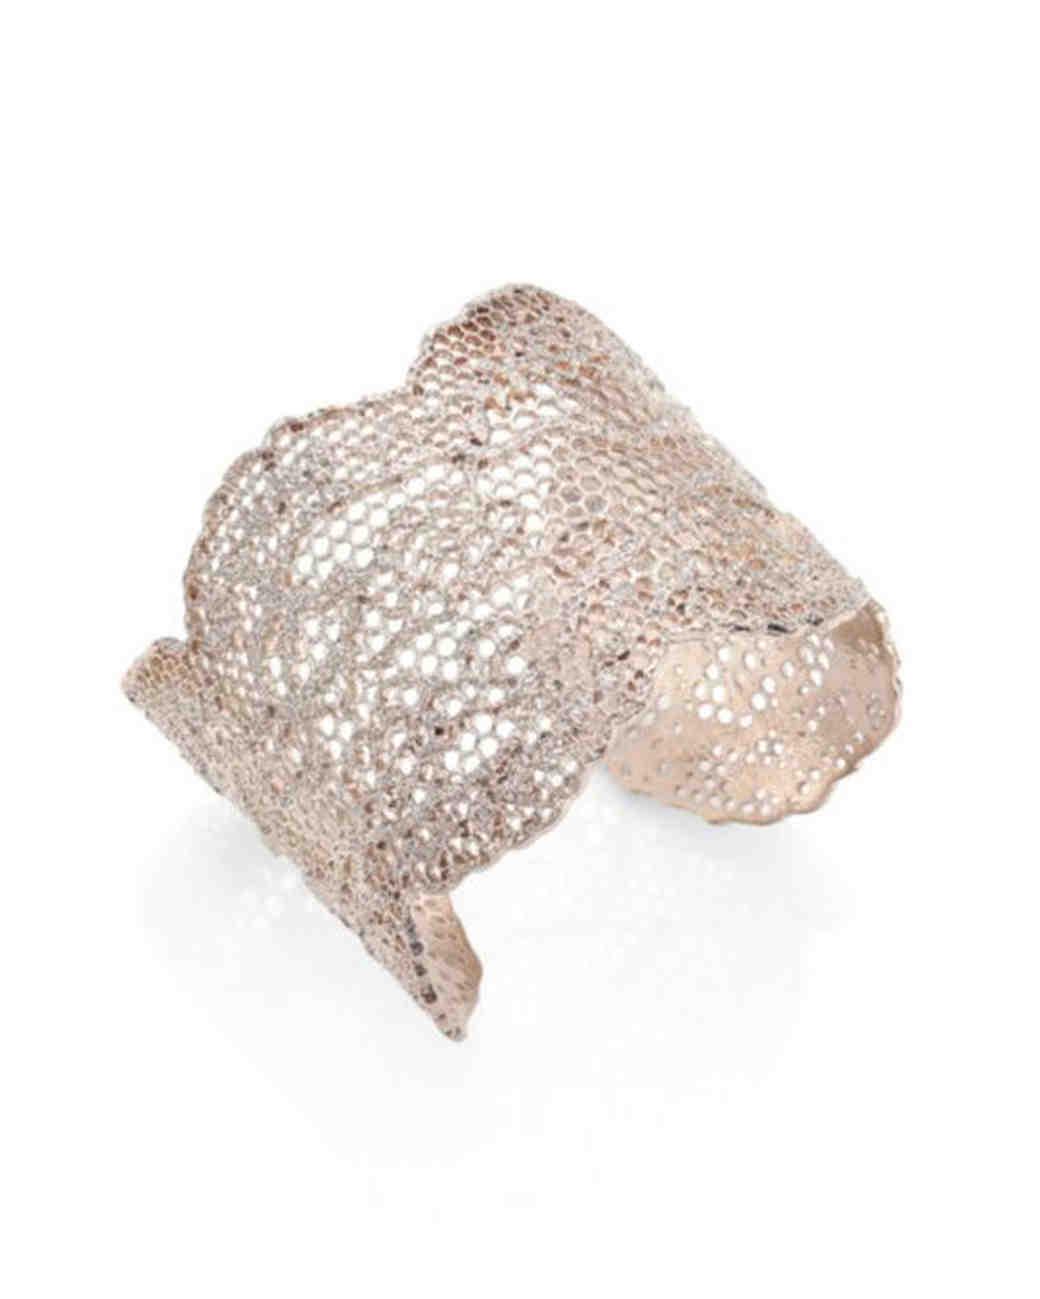 lace anniversary gifts cuff bracelet aurelie bidermann